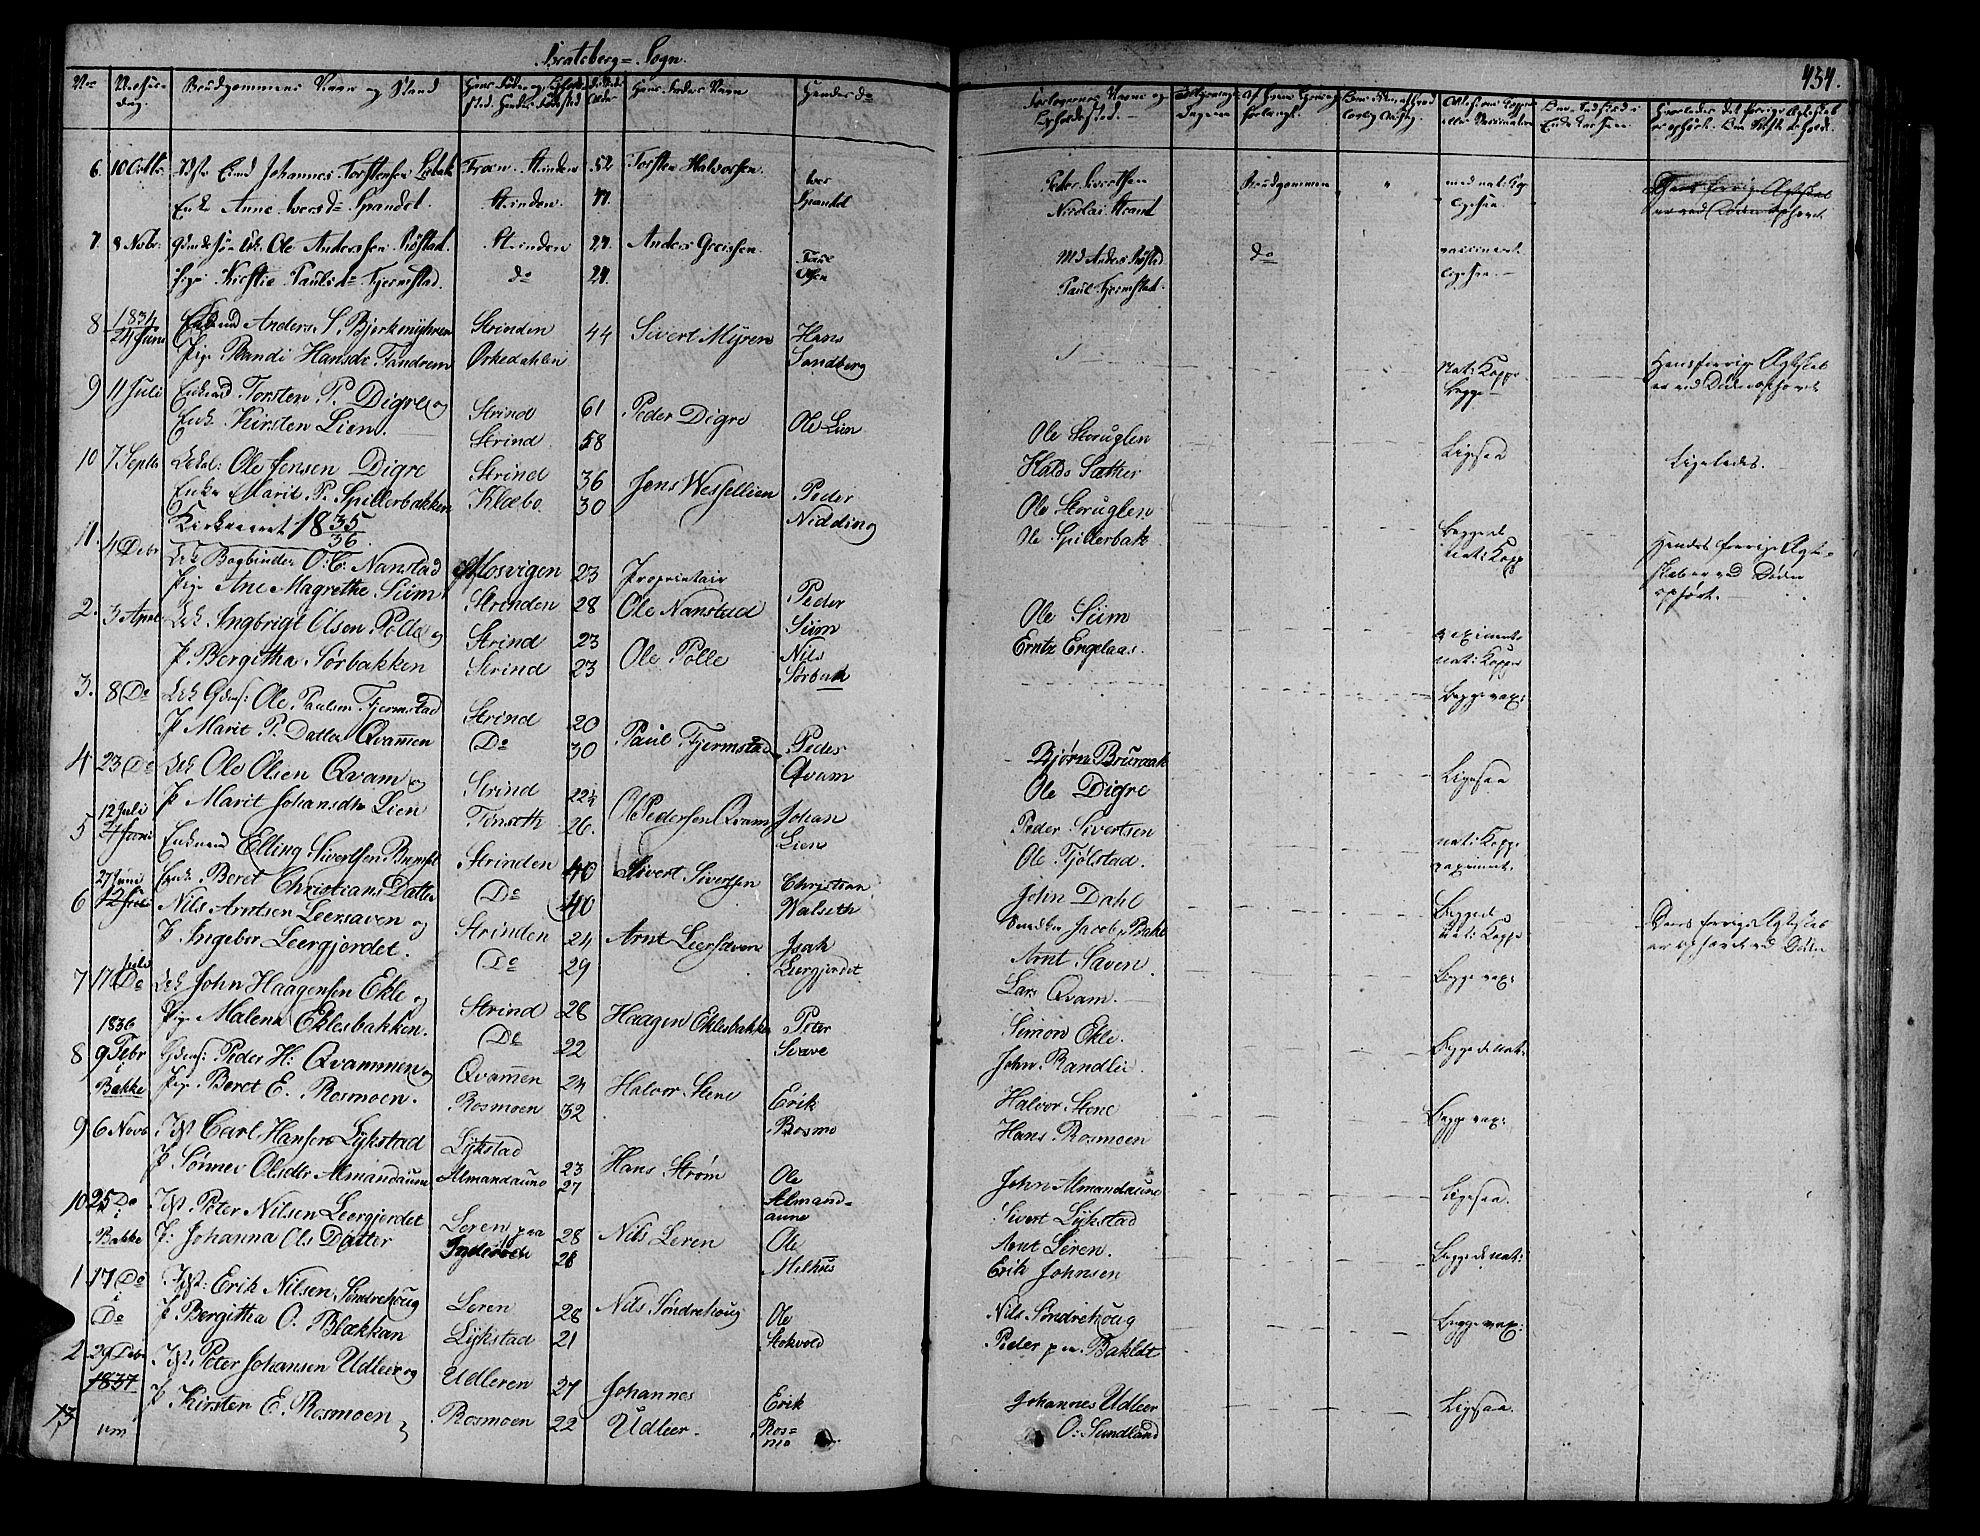 SAT, Ministerialprotokoller, klokkerbøker og fødselsregistre - Sør-Trøndelag, 606/L0289: Ministerialbok nr. 606A04 /4, 1826-1840, s. 454